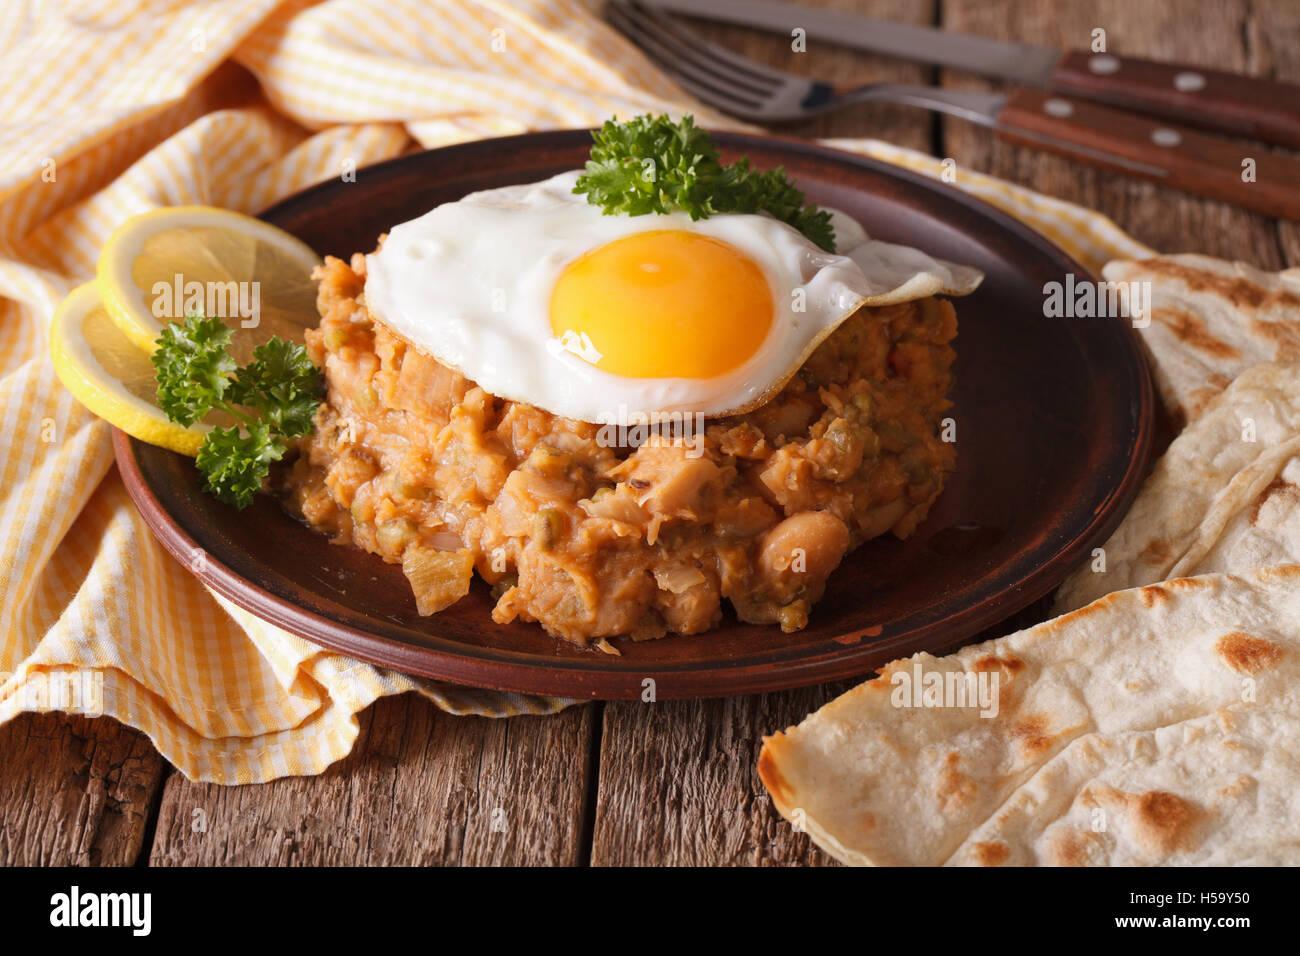 Ful medames árabe con un huevo frito y pan de cerca en la tabla horizontal. Imagen De Stock